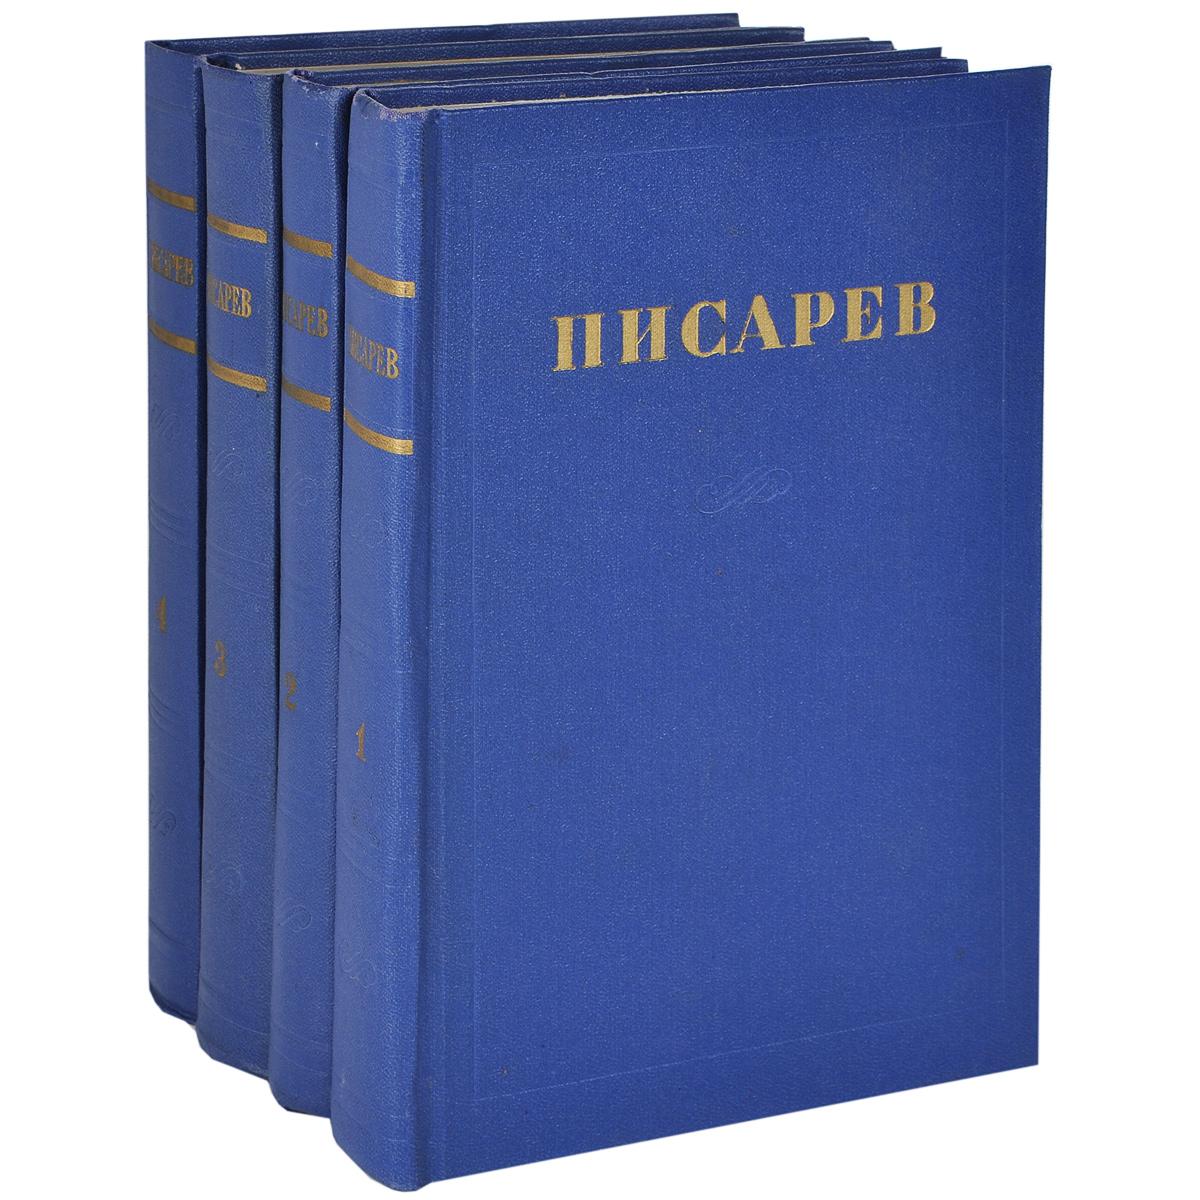 Д. И. Писарев Д. И. Писарев. Сочинения в 4 томах (комплект из 4 книг)